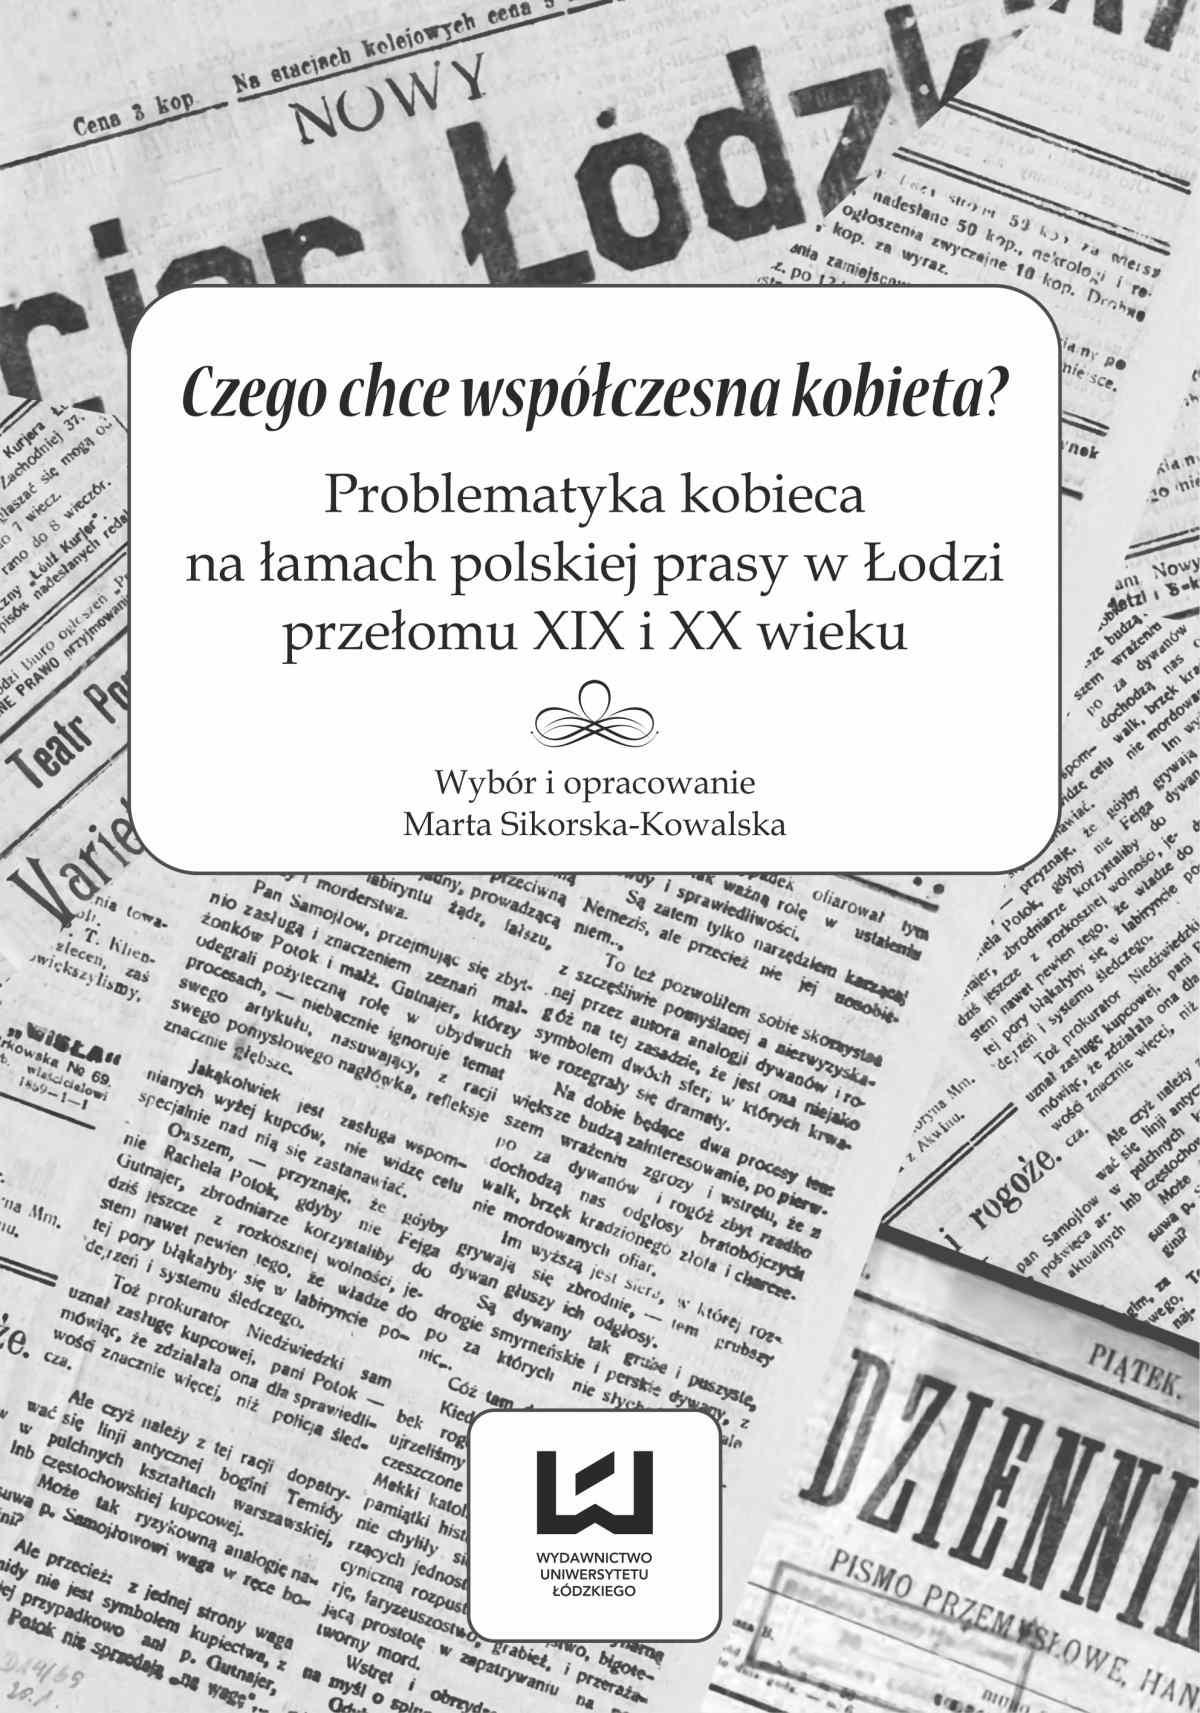 Czego chce współczesna kobieta? Problematyka kobieca na łamach polskiej prasy w Łodzi przełomu XIX i XX wieku - Ebook (Książka EPUB) do pobrania w formacie EPUB